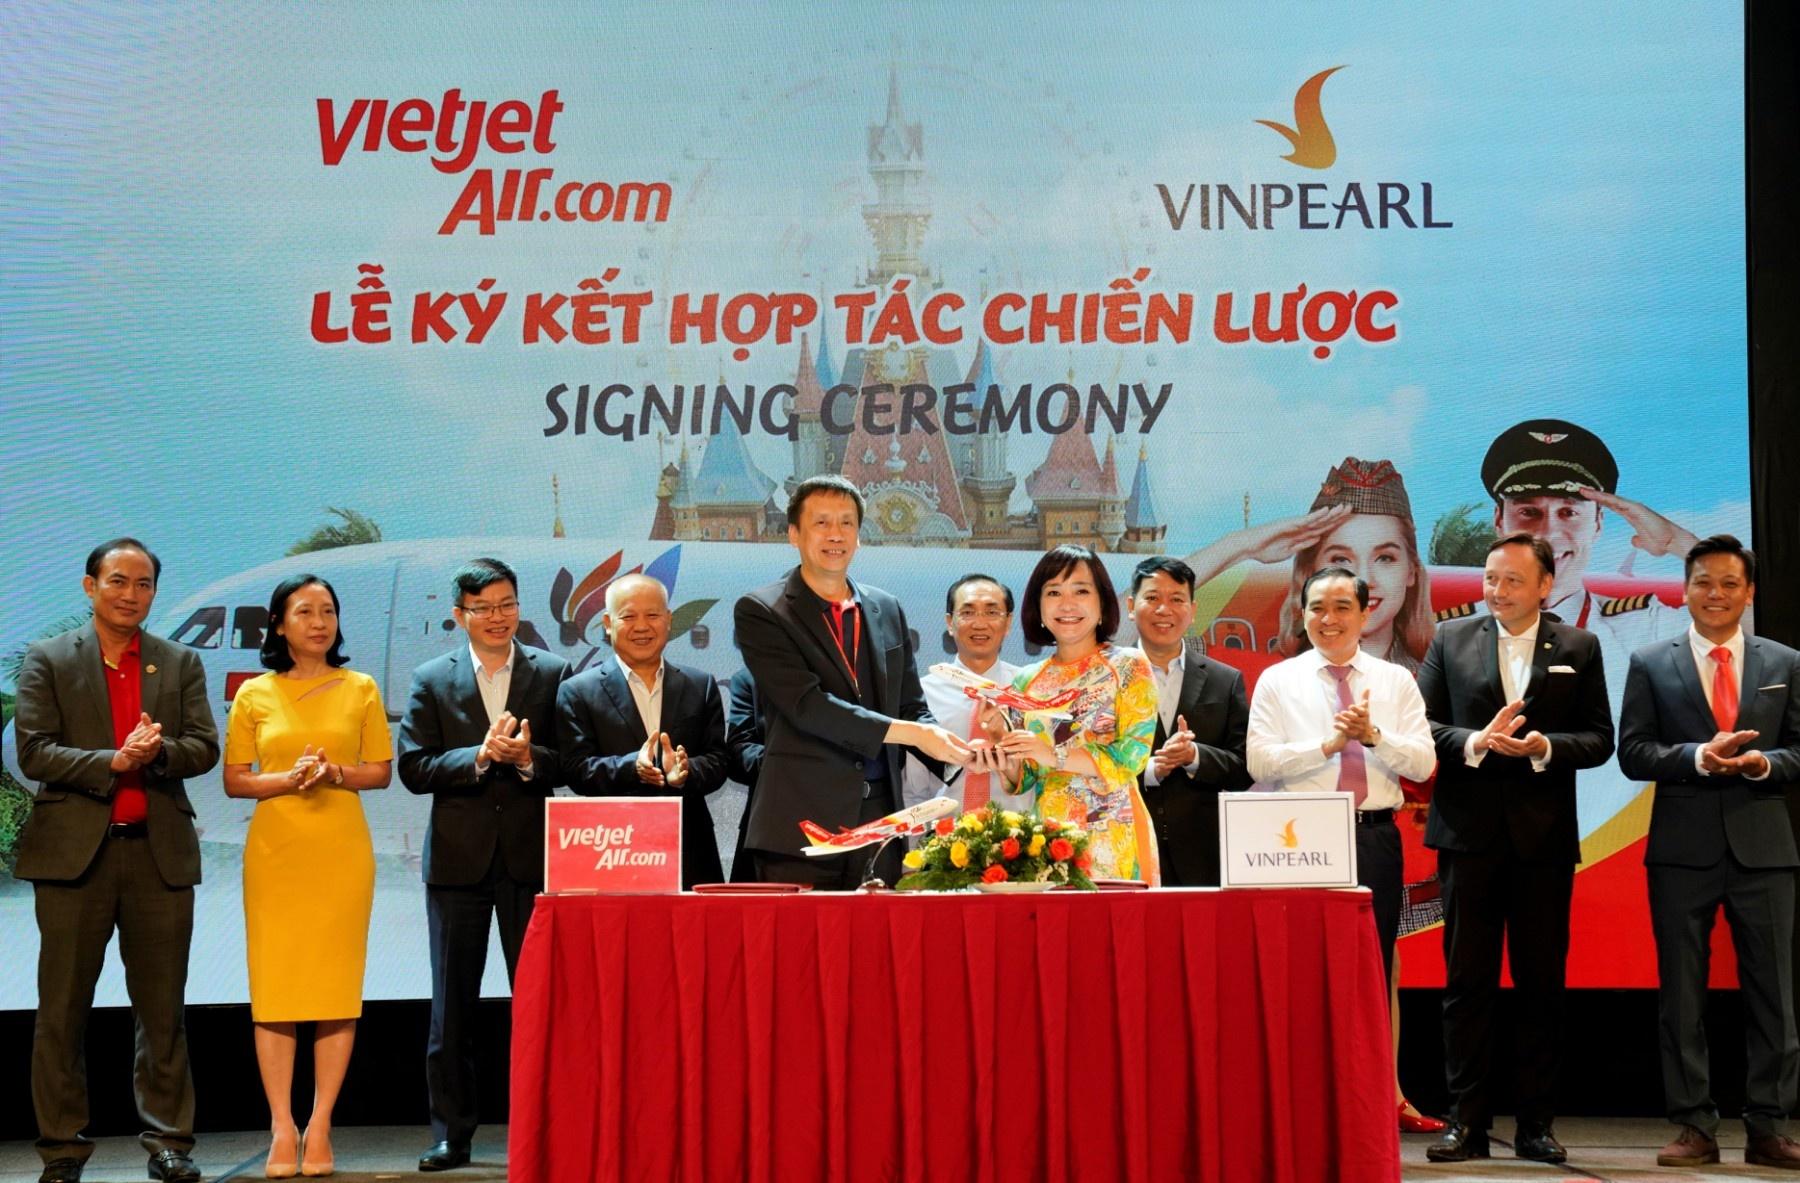 Vietjet anh 3  - Ky_ket_Vietjet_x_Vinpearl - Vietjet khai thác 10 đường bay thẳng đến Phú Quốc